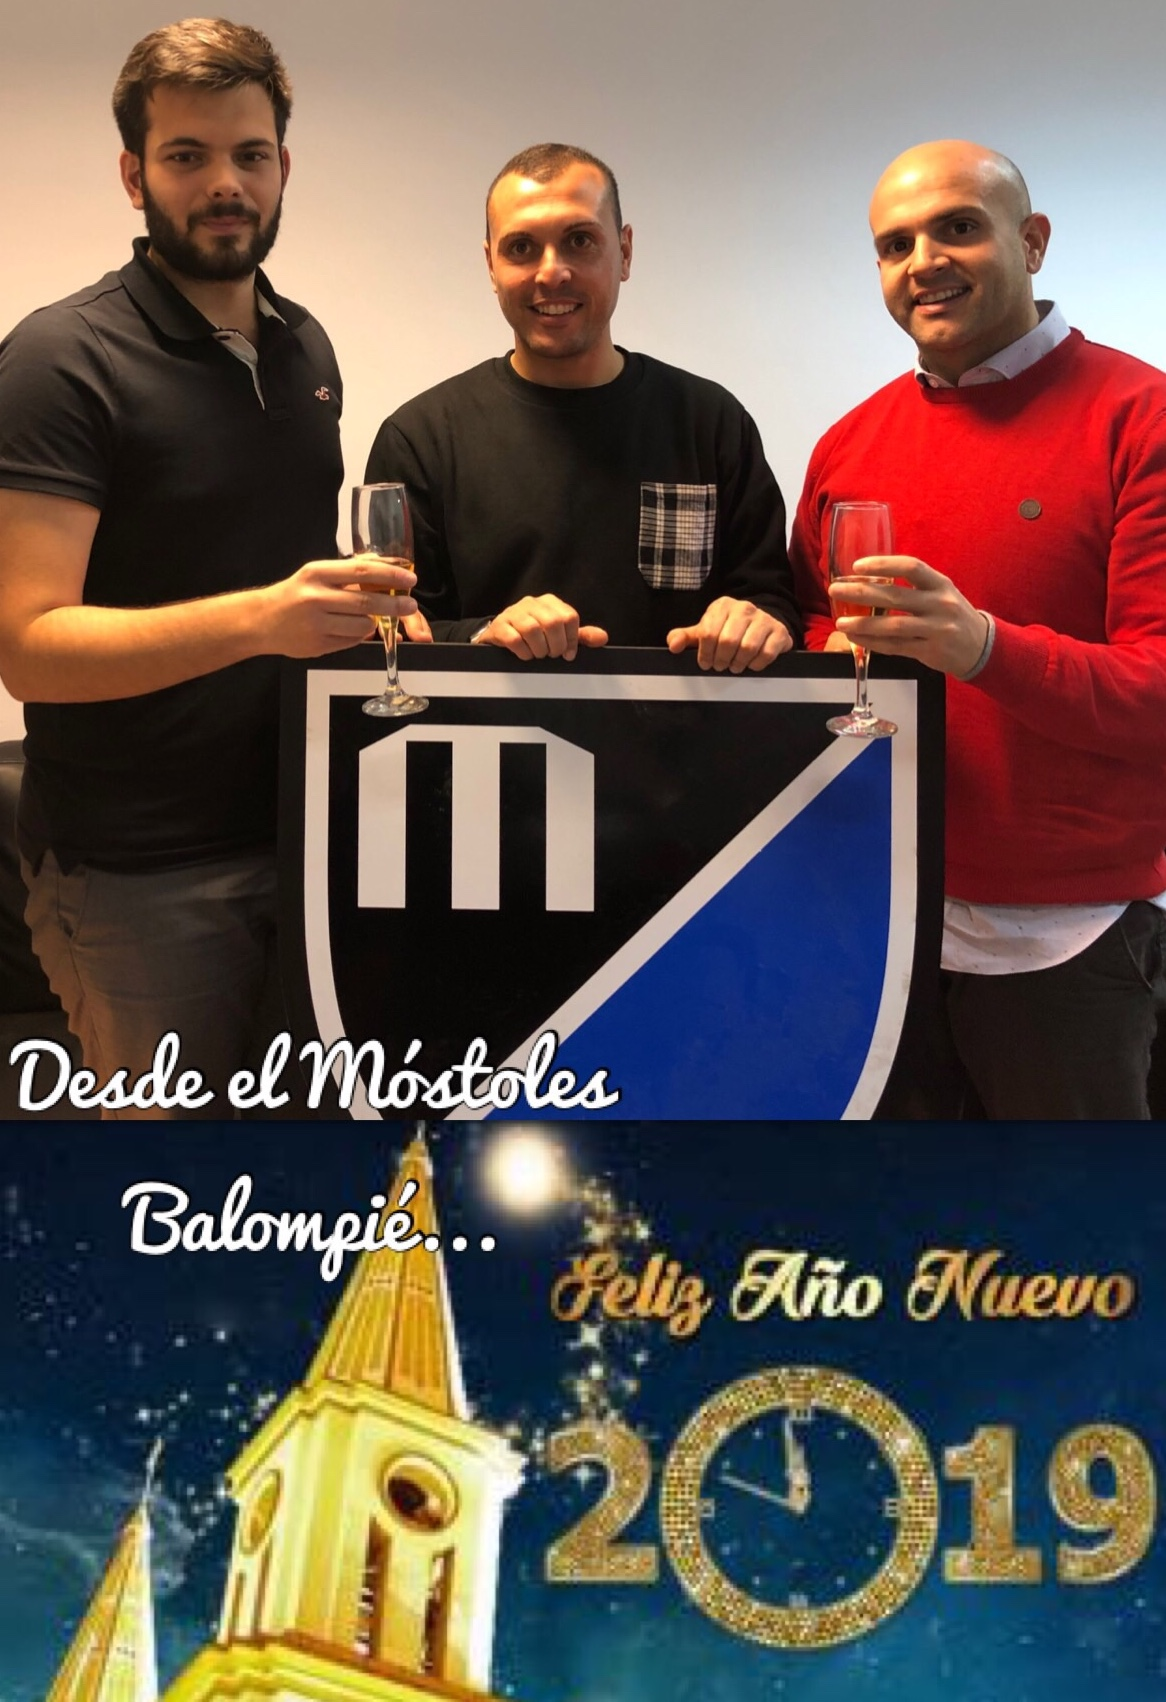 El Móstoles Balompié os desea un feliz 2019